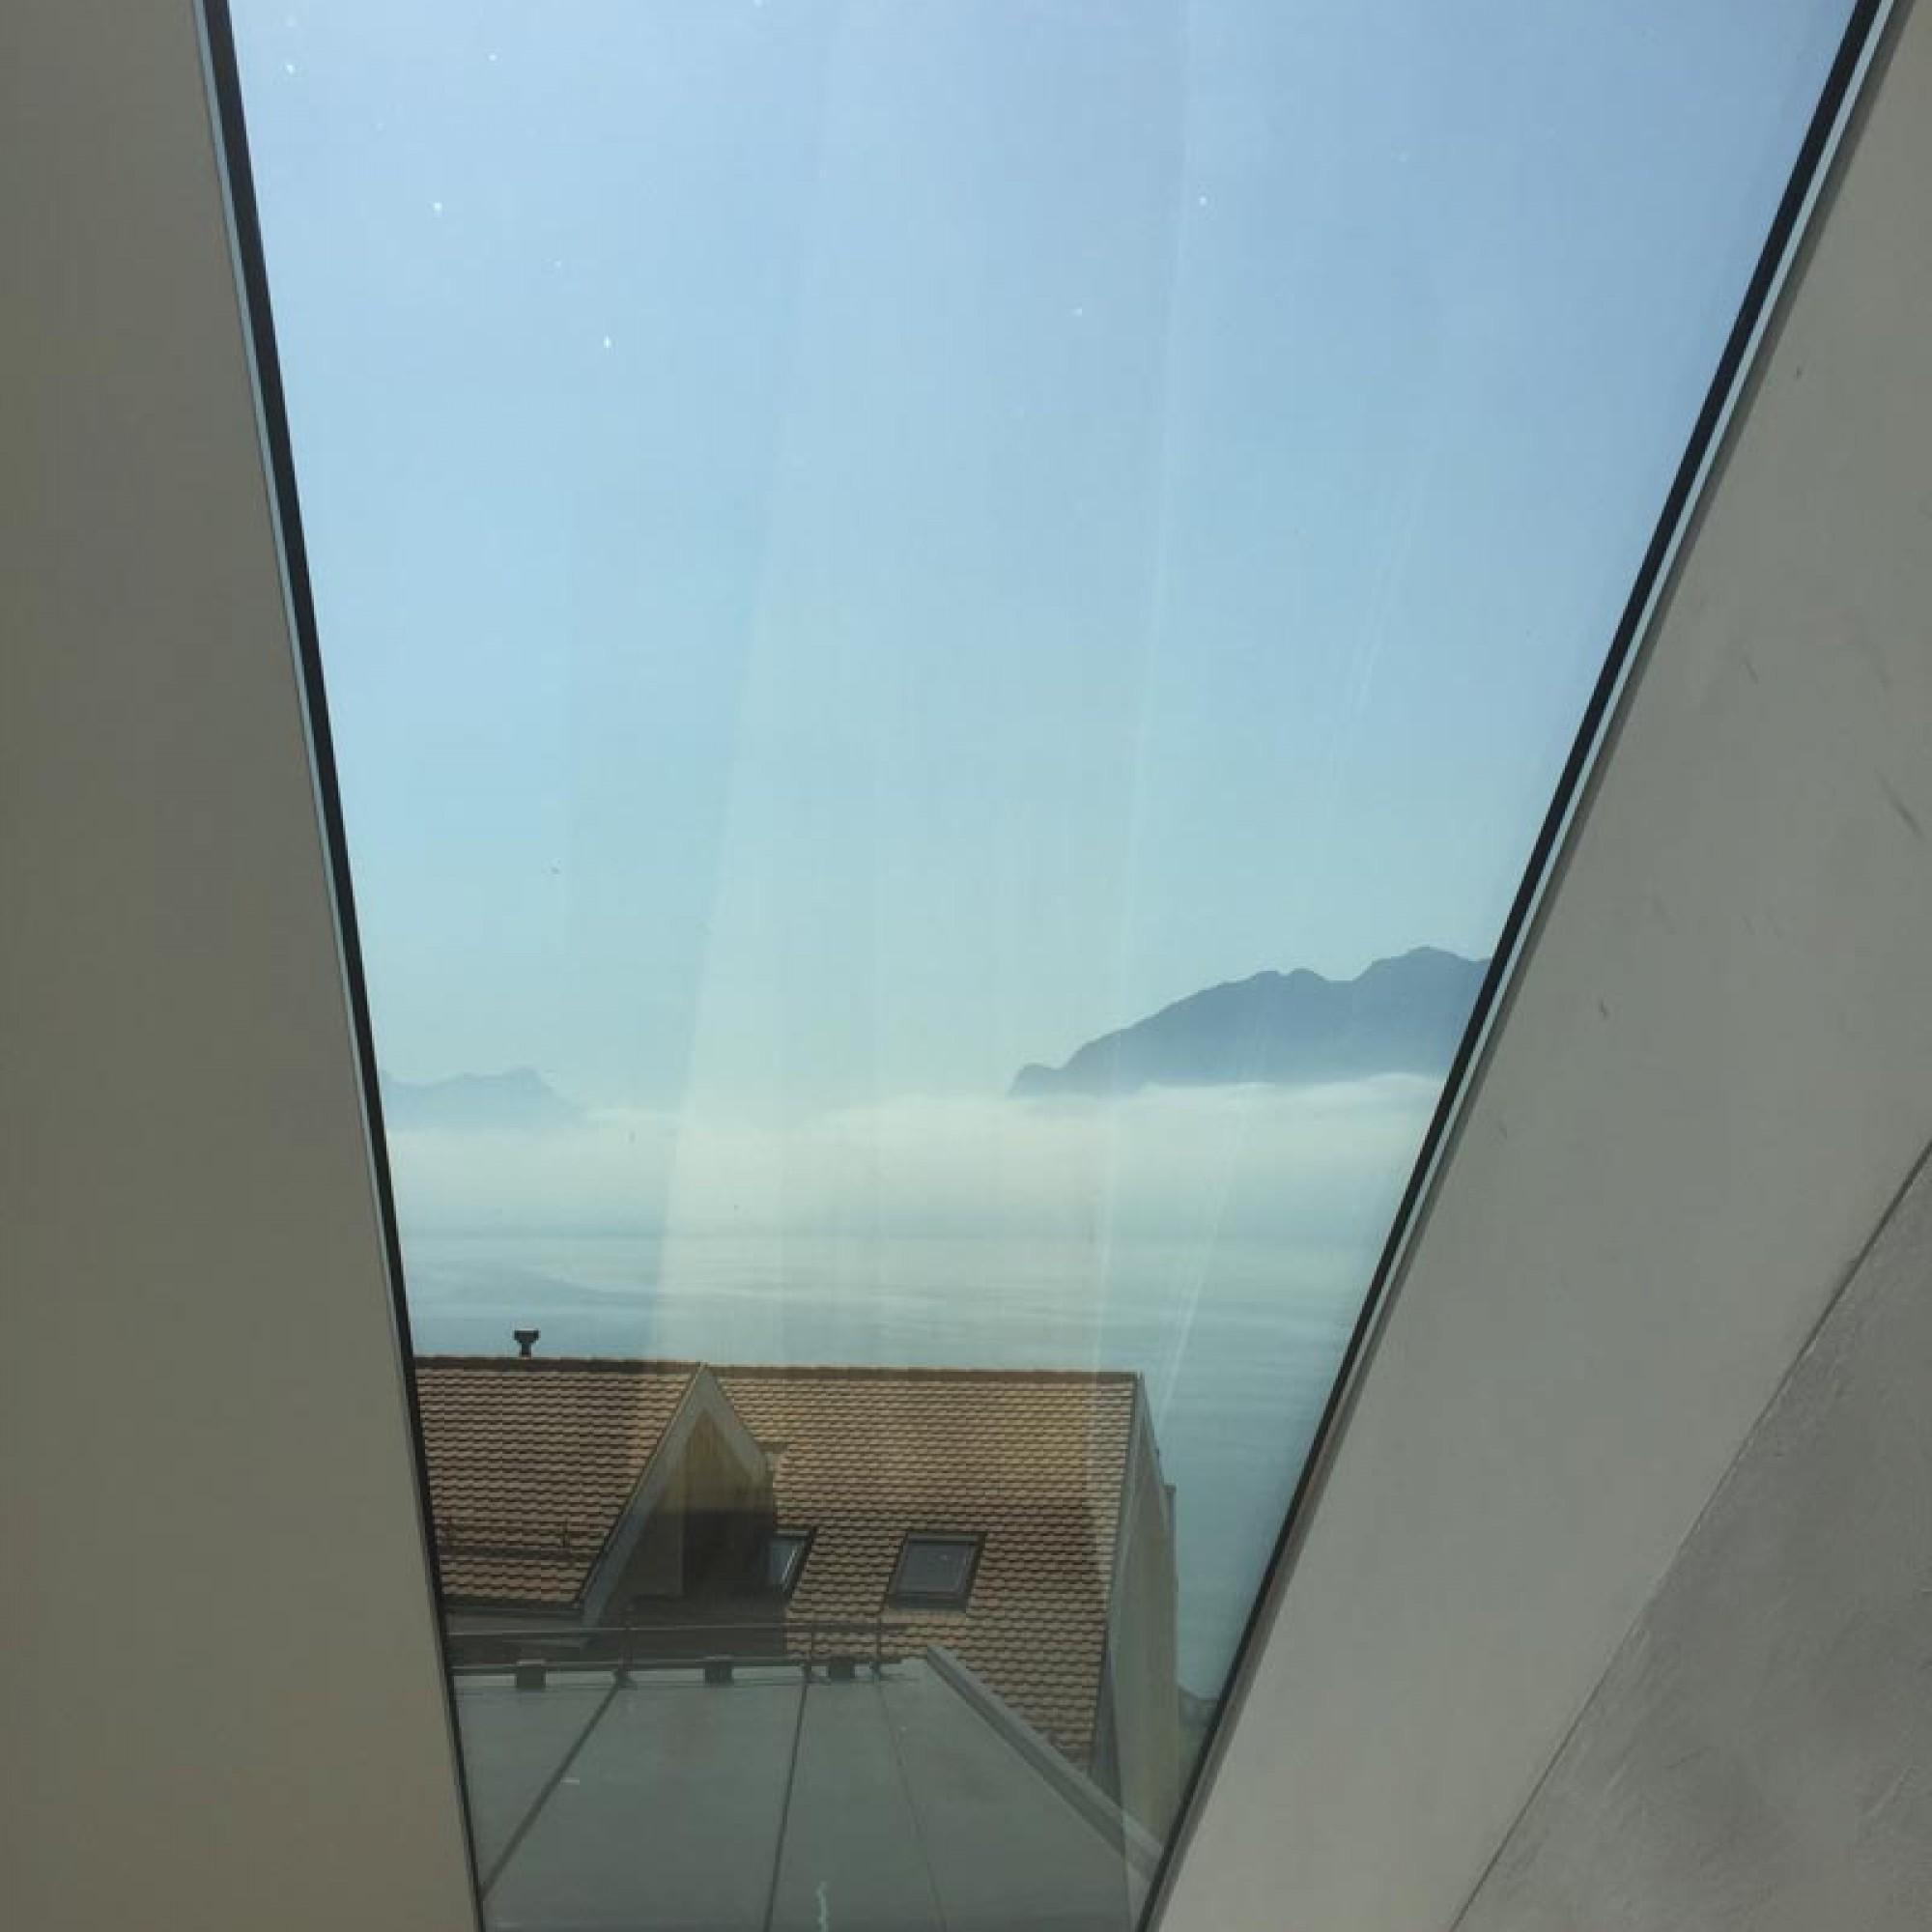 Une grande baie vitrée remplace aujourd'hui l'ancienne petite lucarne de toiture